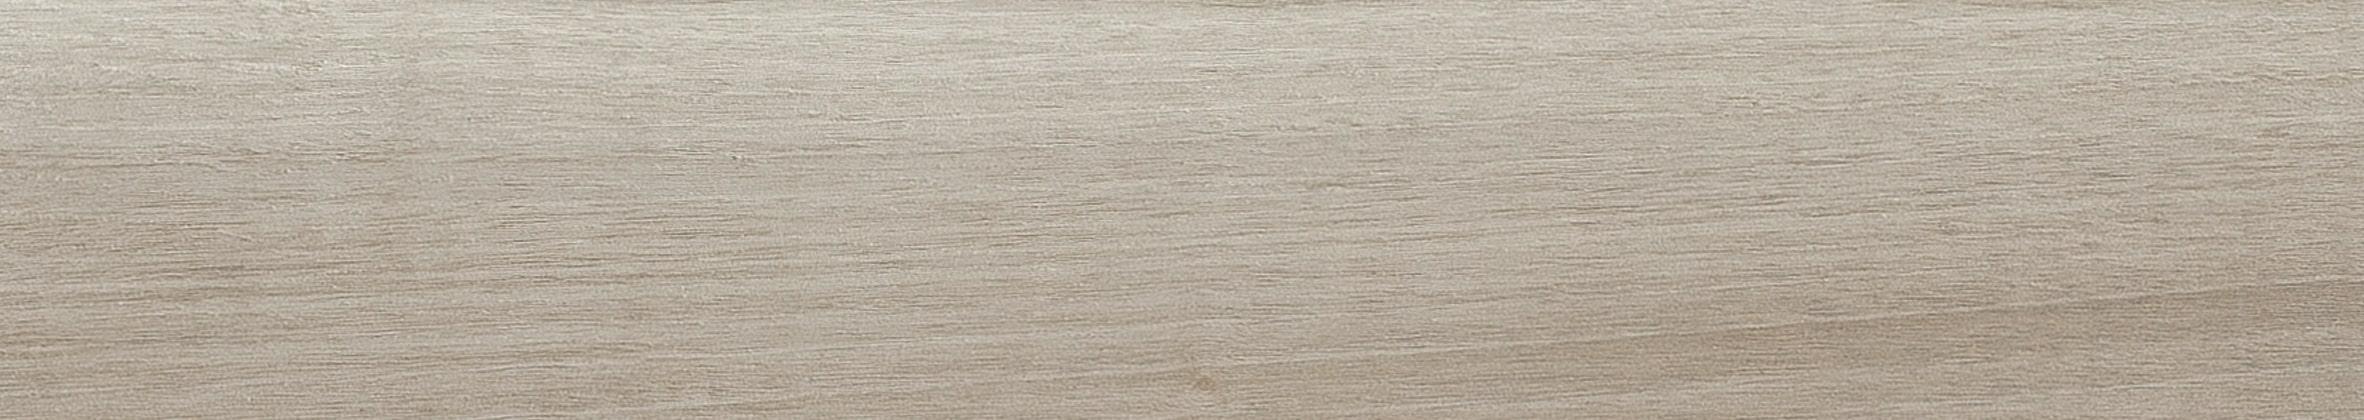 Wooden Tile / Wooden Gray Matte 10mm 20 x 120